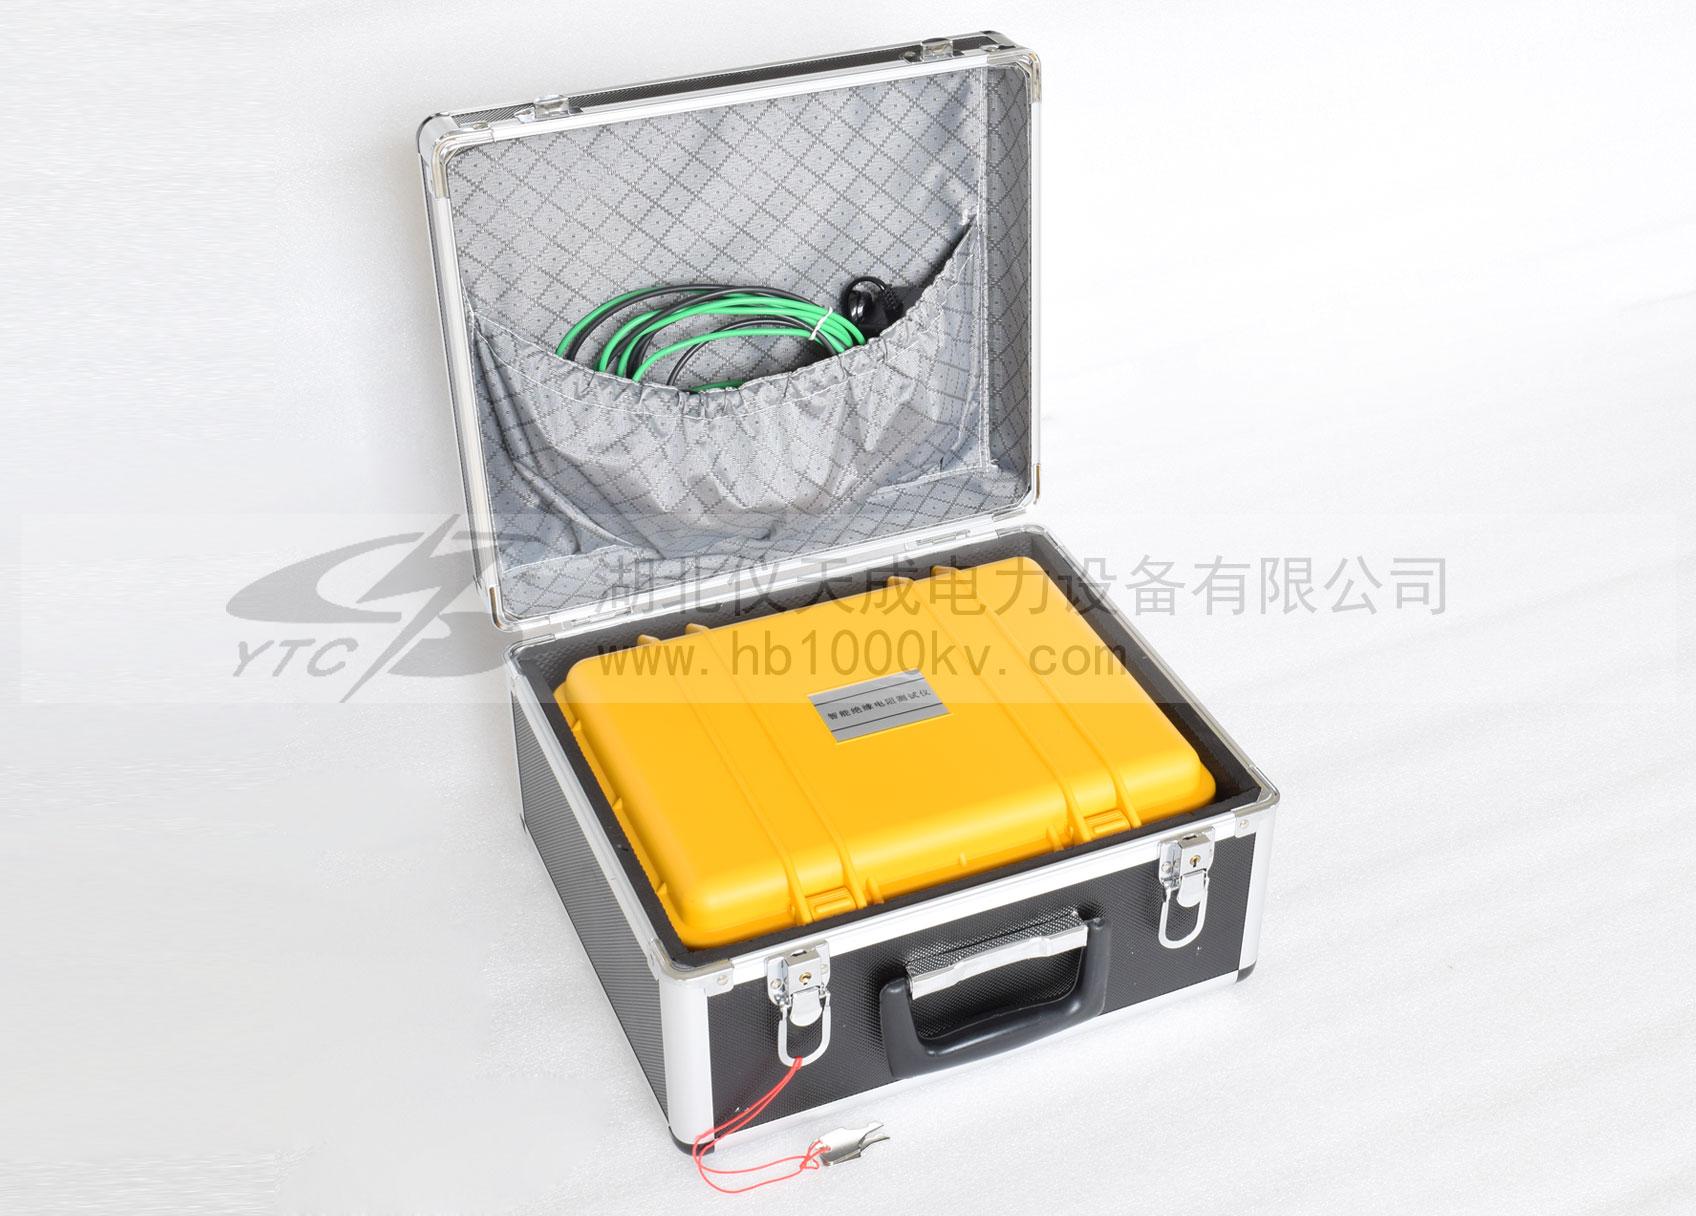 YTC5000智能绝缘电阻测试仪装箱图